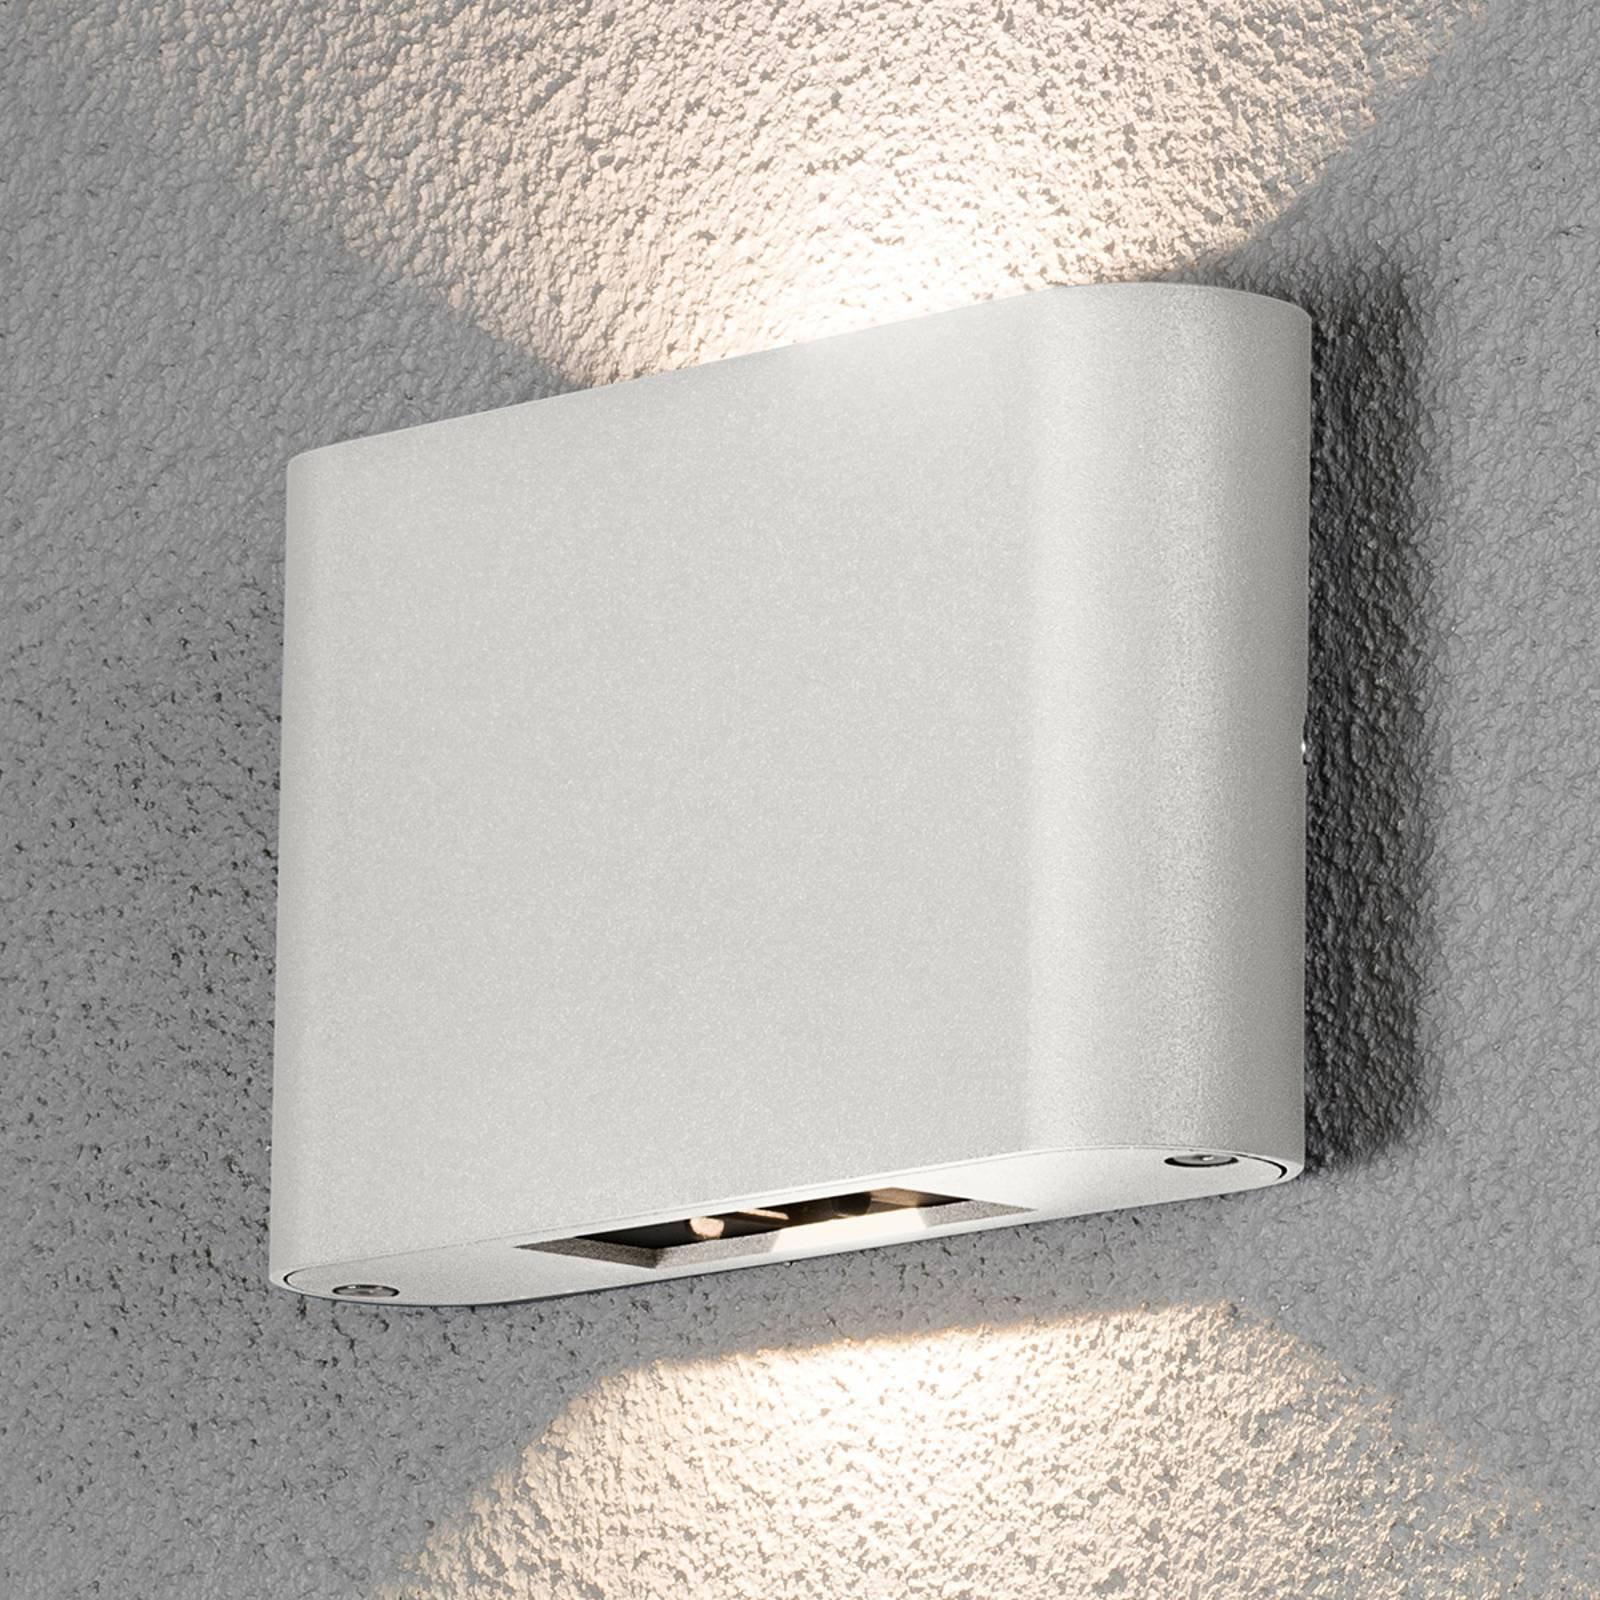 Chieri utendørs LED-vegglampe 2-lk. 18 cm hvit